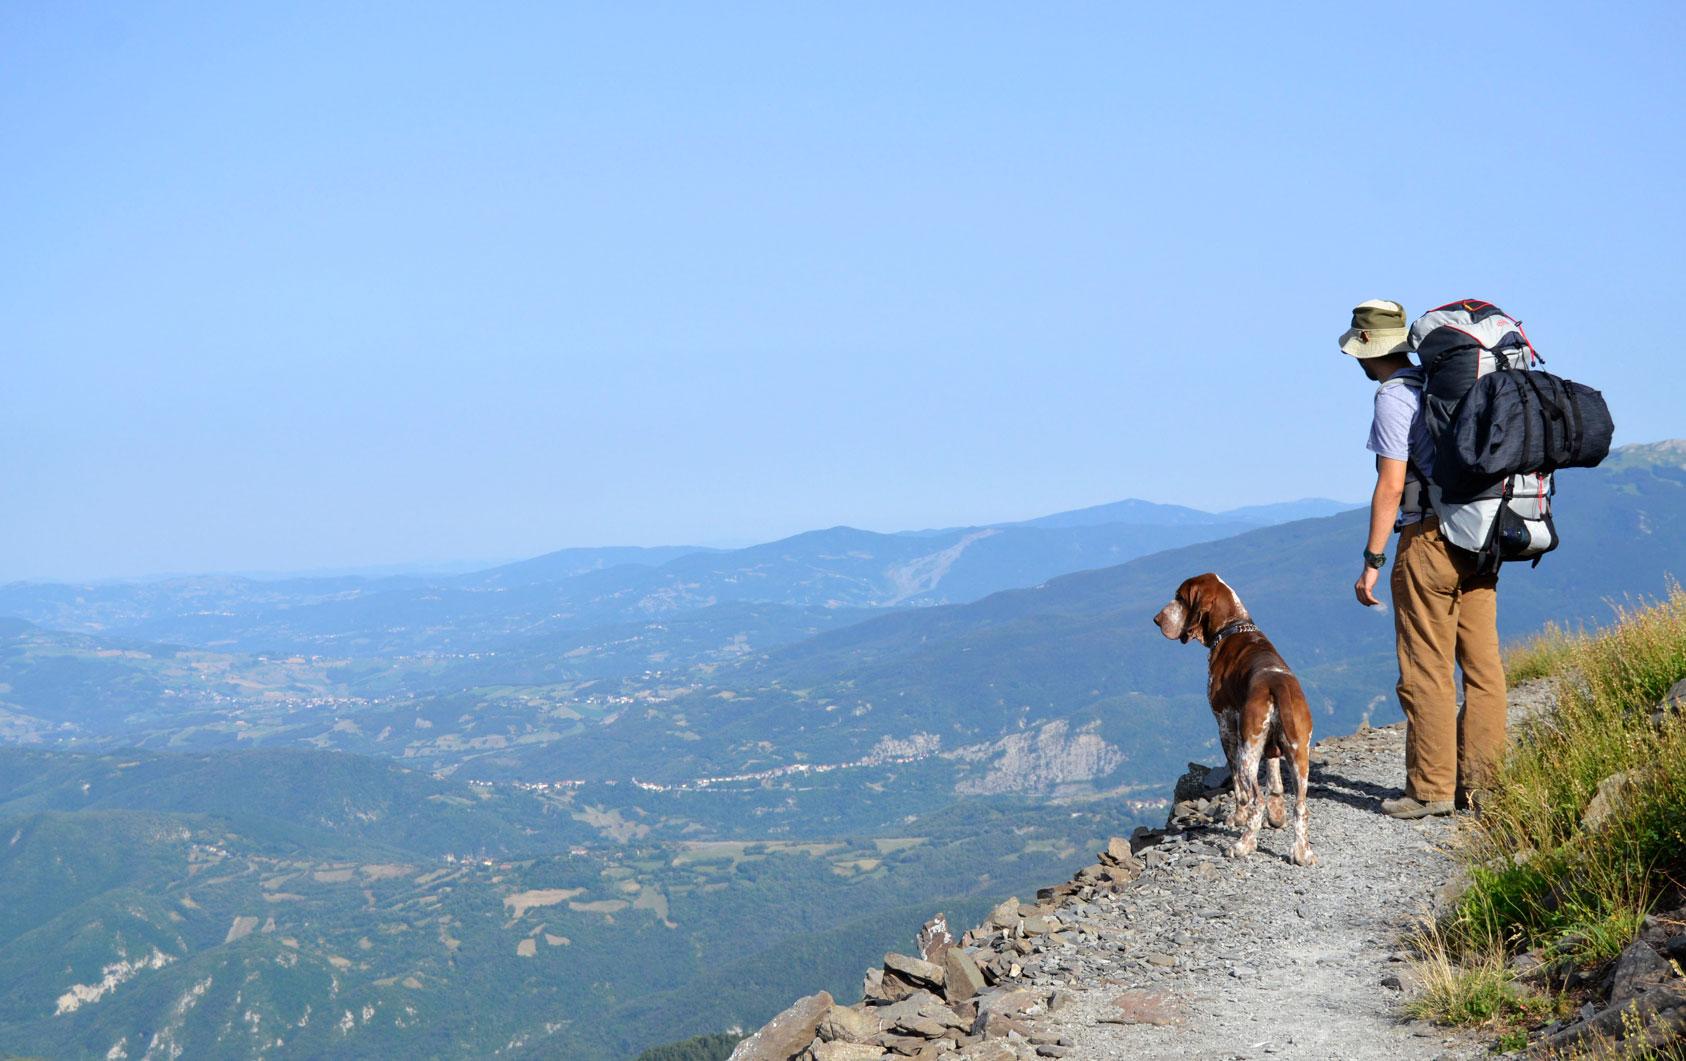 montagna-col-cane